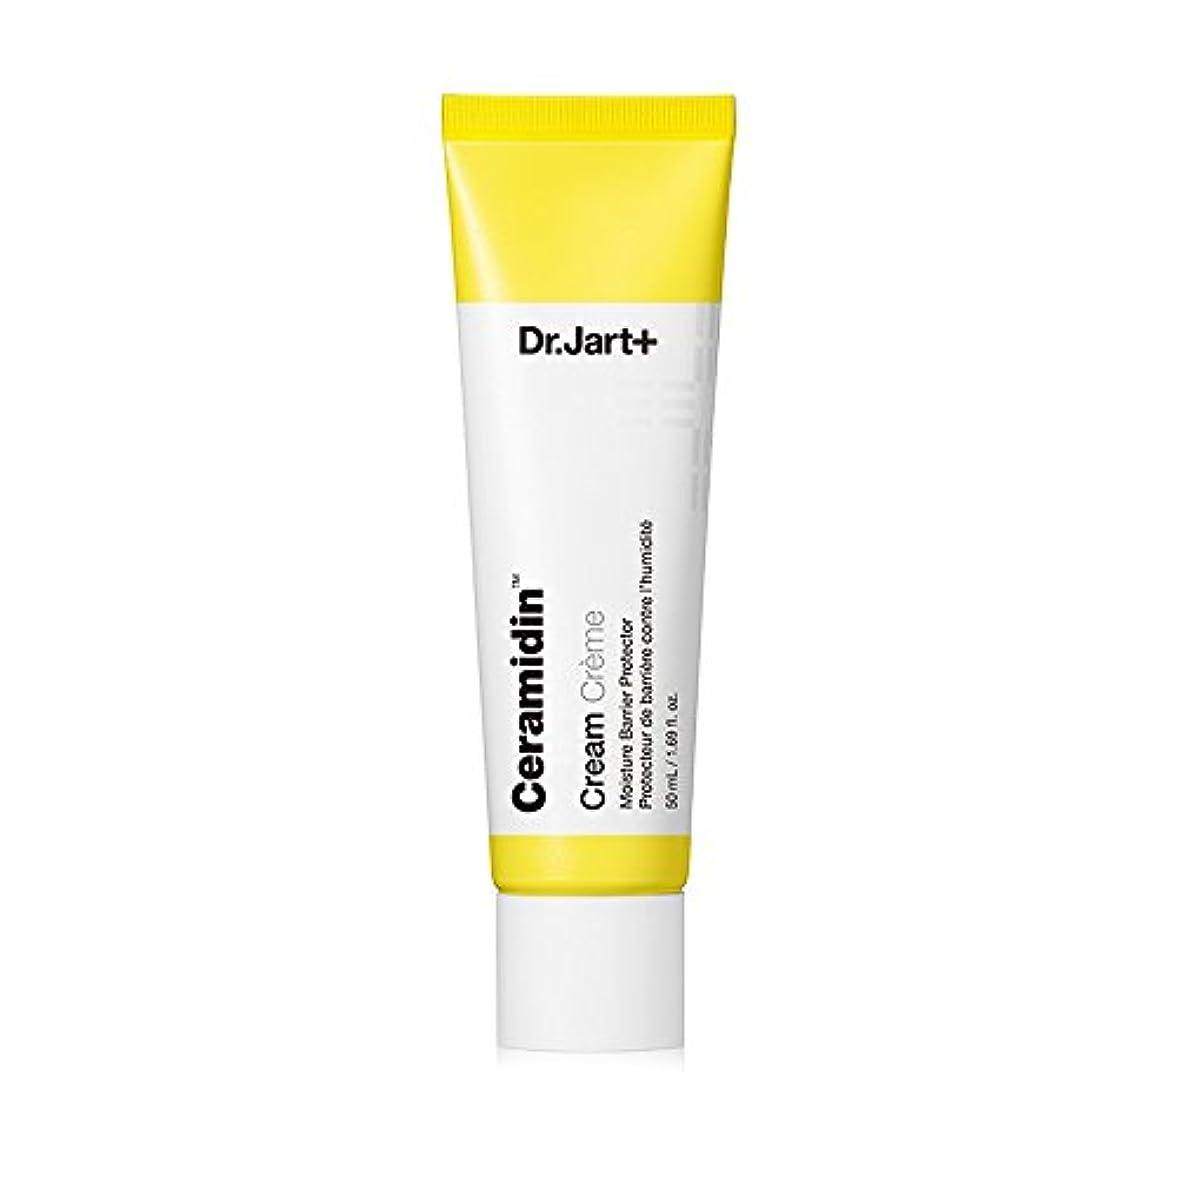 漏斗幸運な行く[Dr.jart + New Ceramidin Cream 50ml] ドクタージャルトニューセラミーディン クリーム50ml